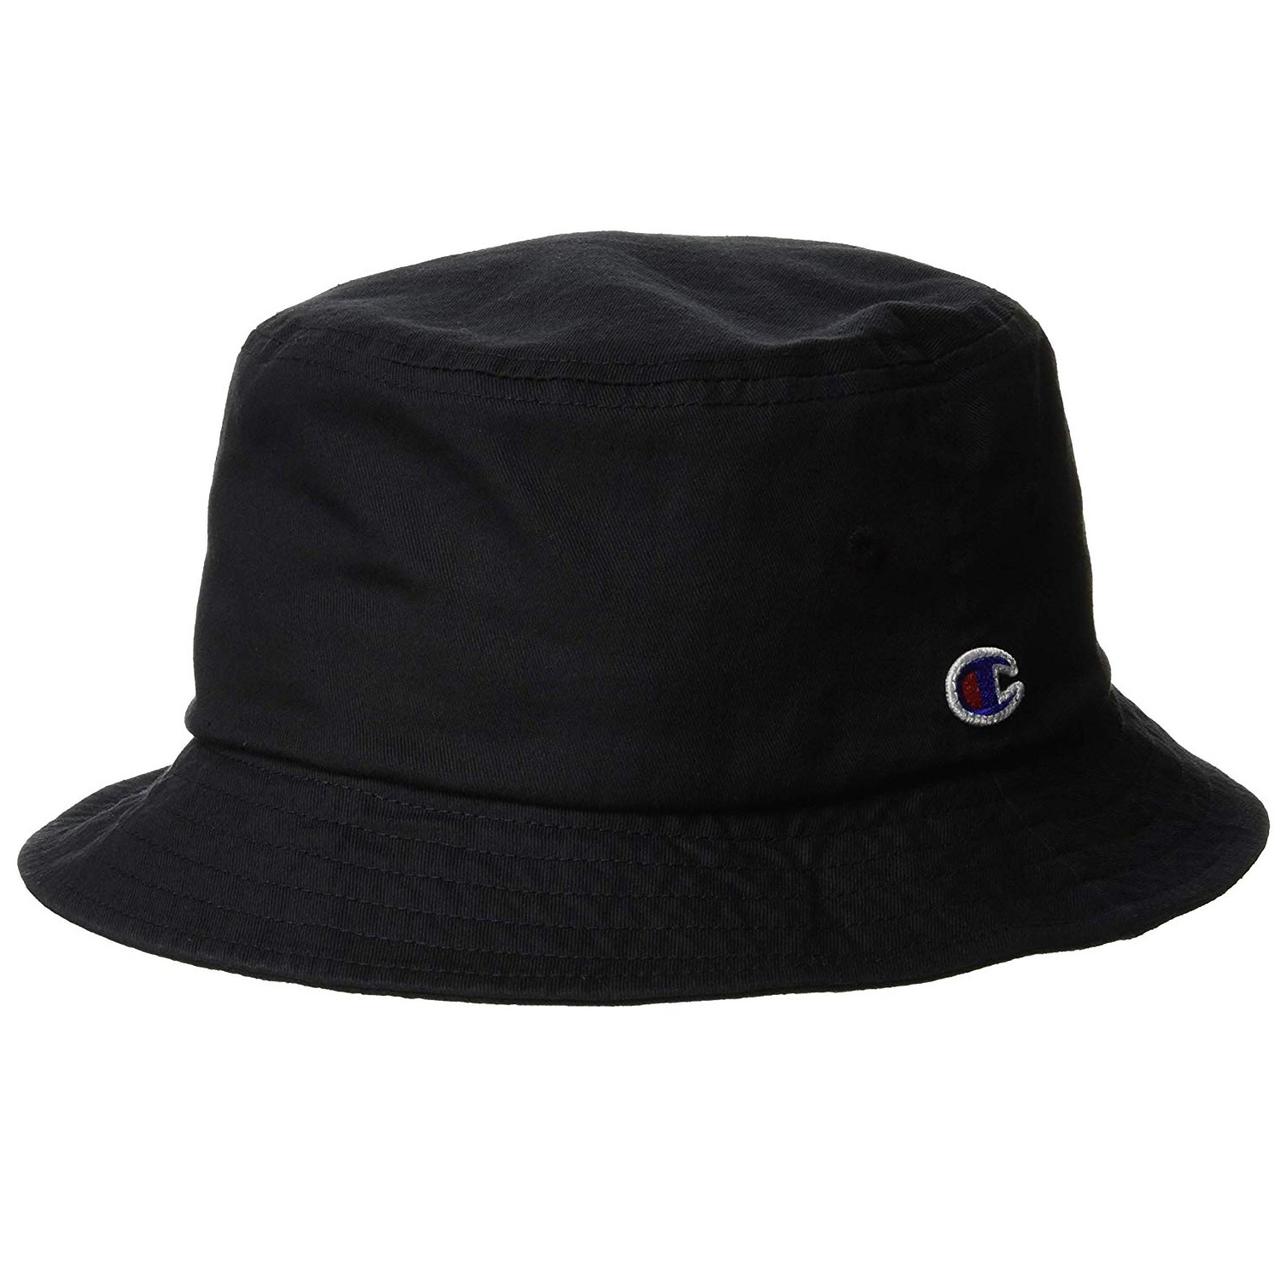 好价!【亚马逊海外购】Champion 日版潮流logo渔夫帽 黑色